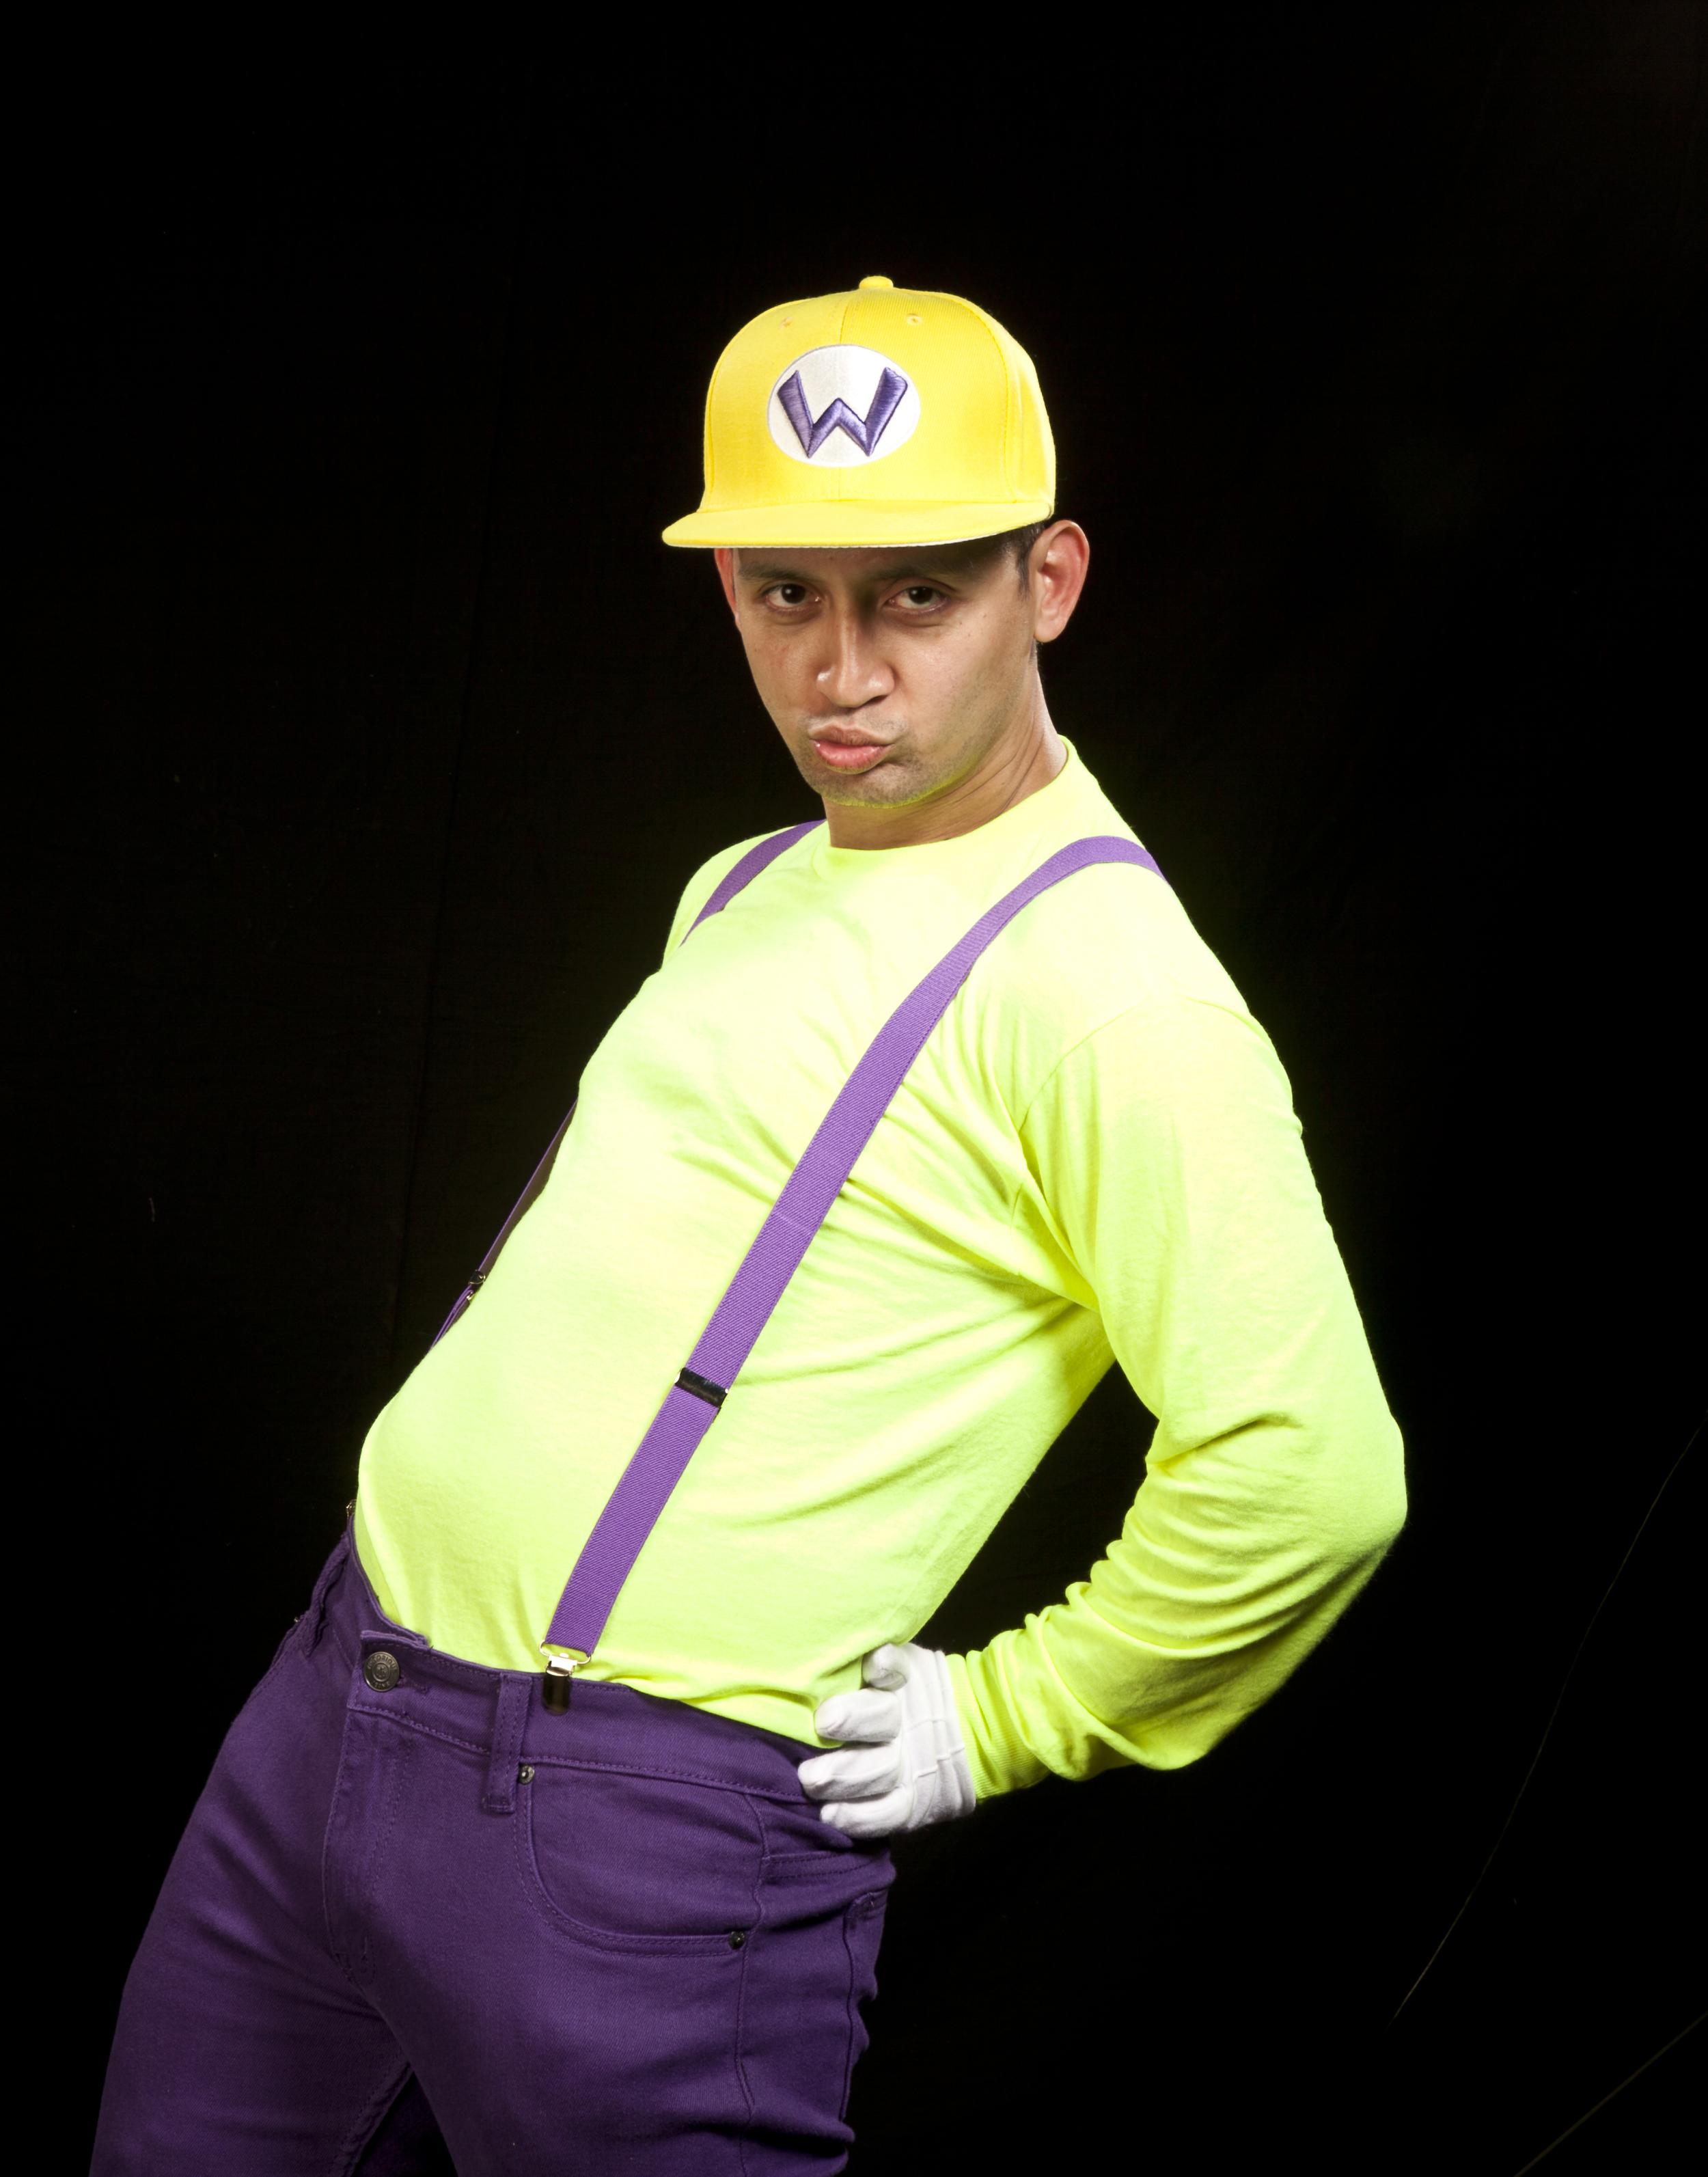 yellow cap, yellow shirtIMG_4354.jpg